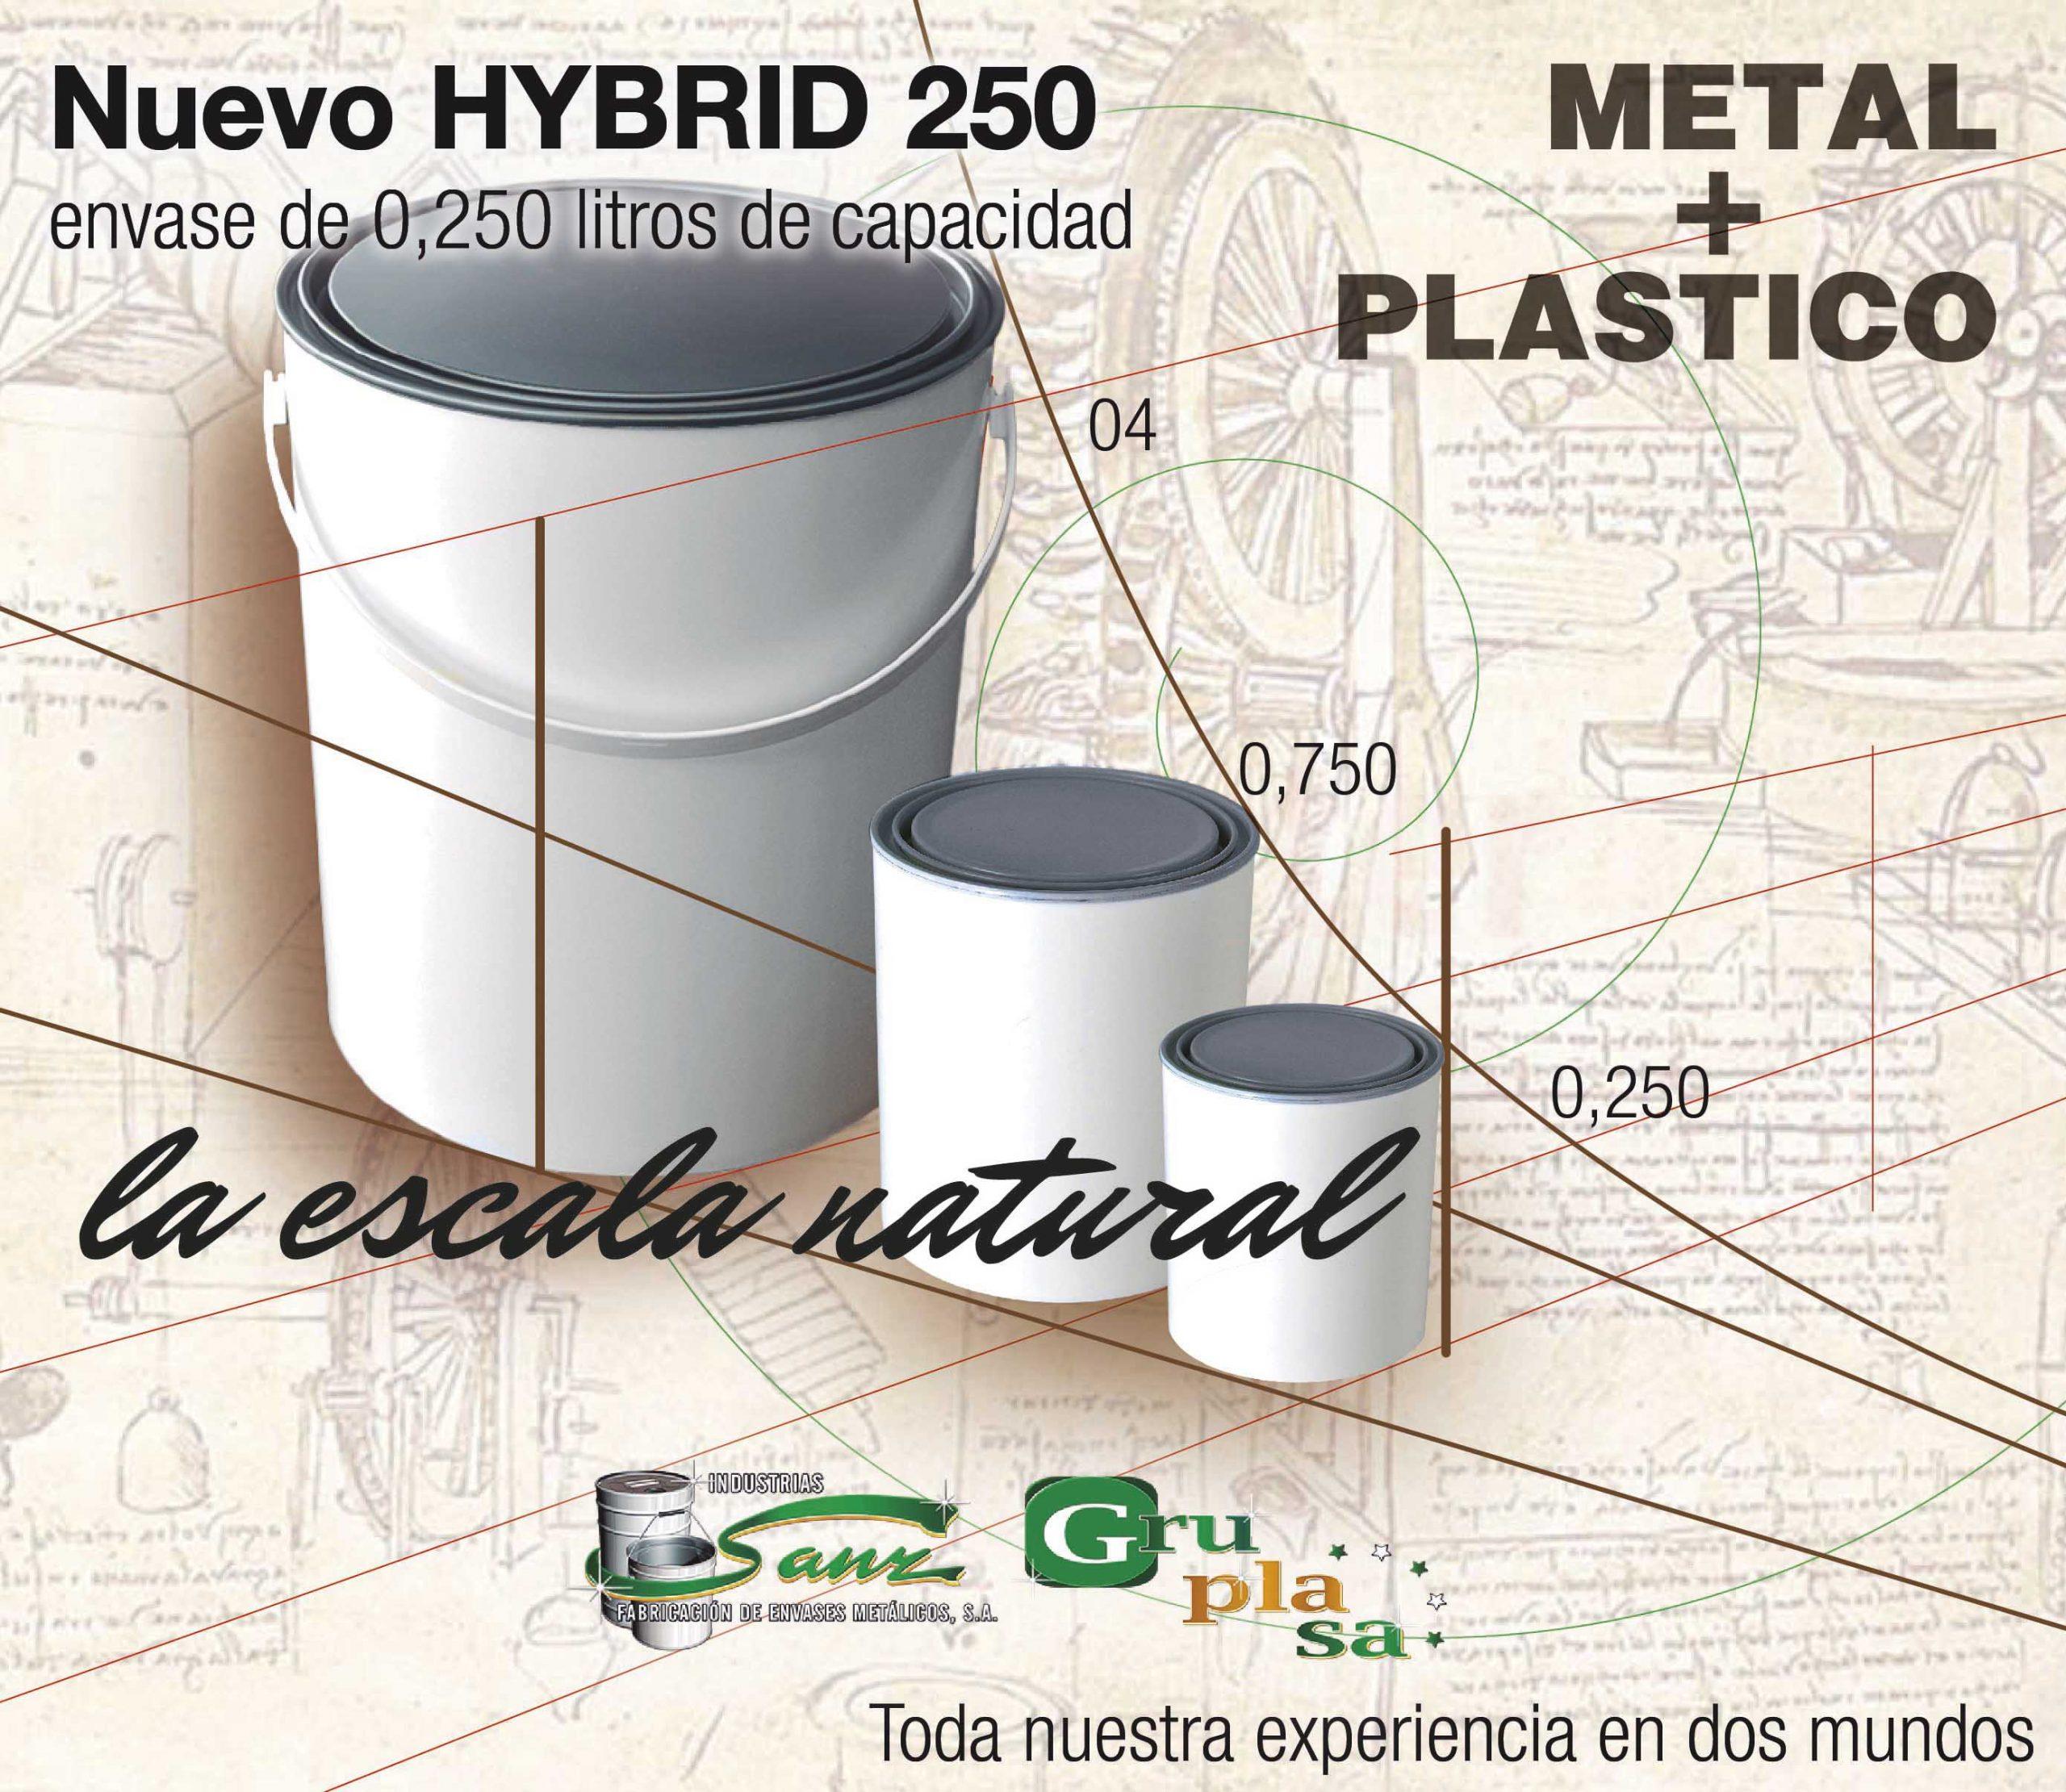 HYBRID 250 ml